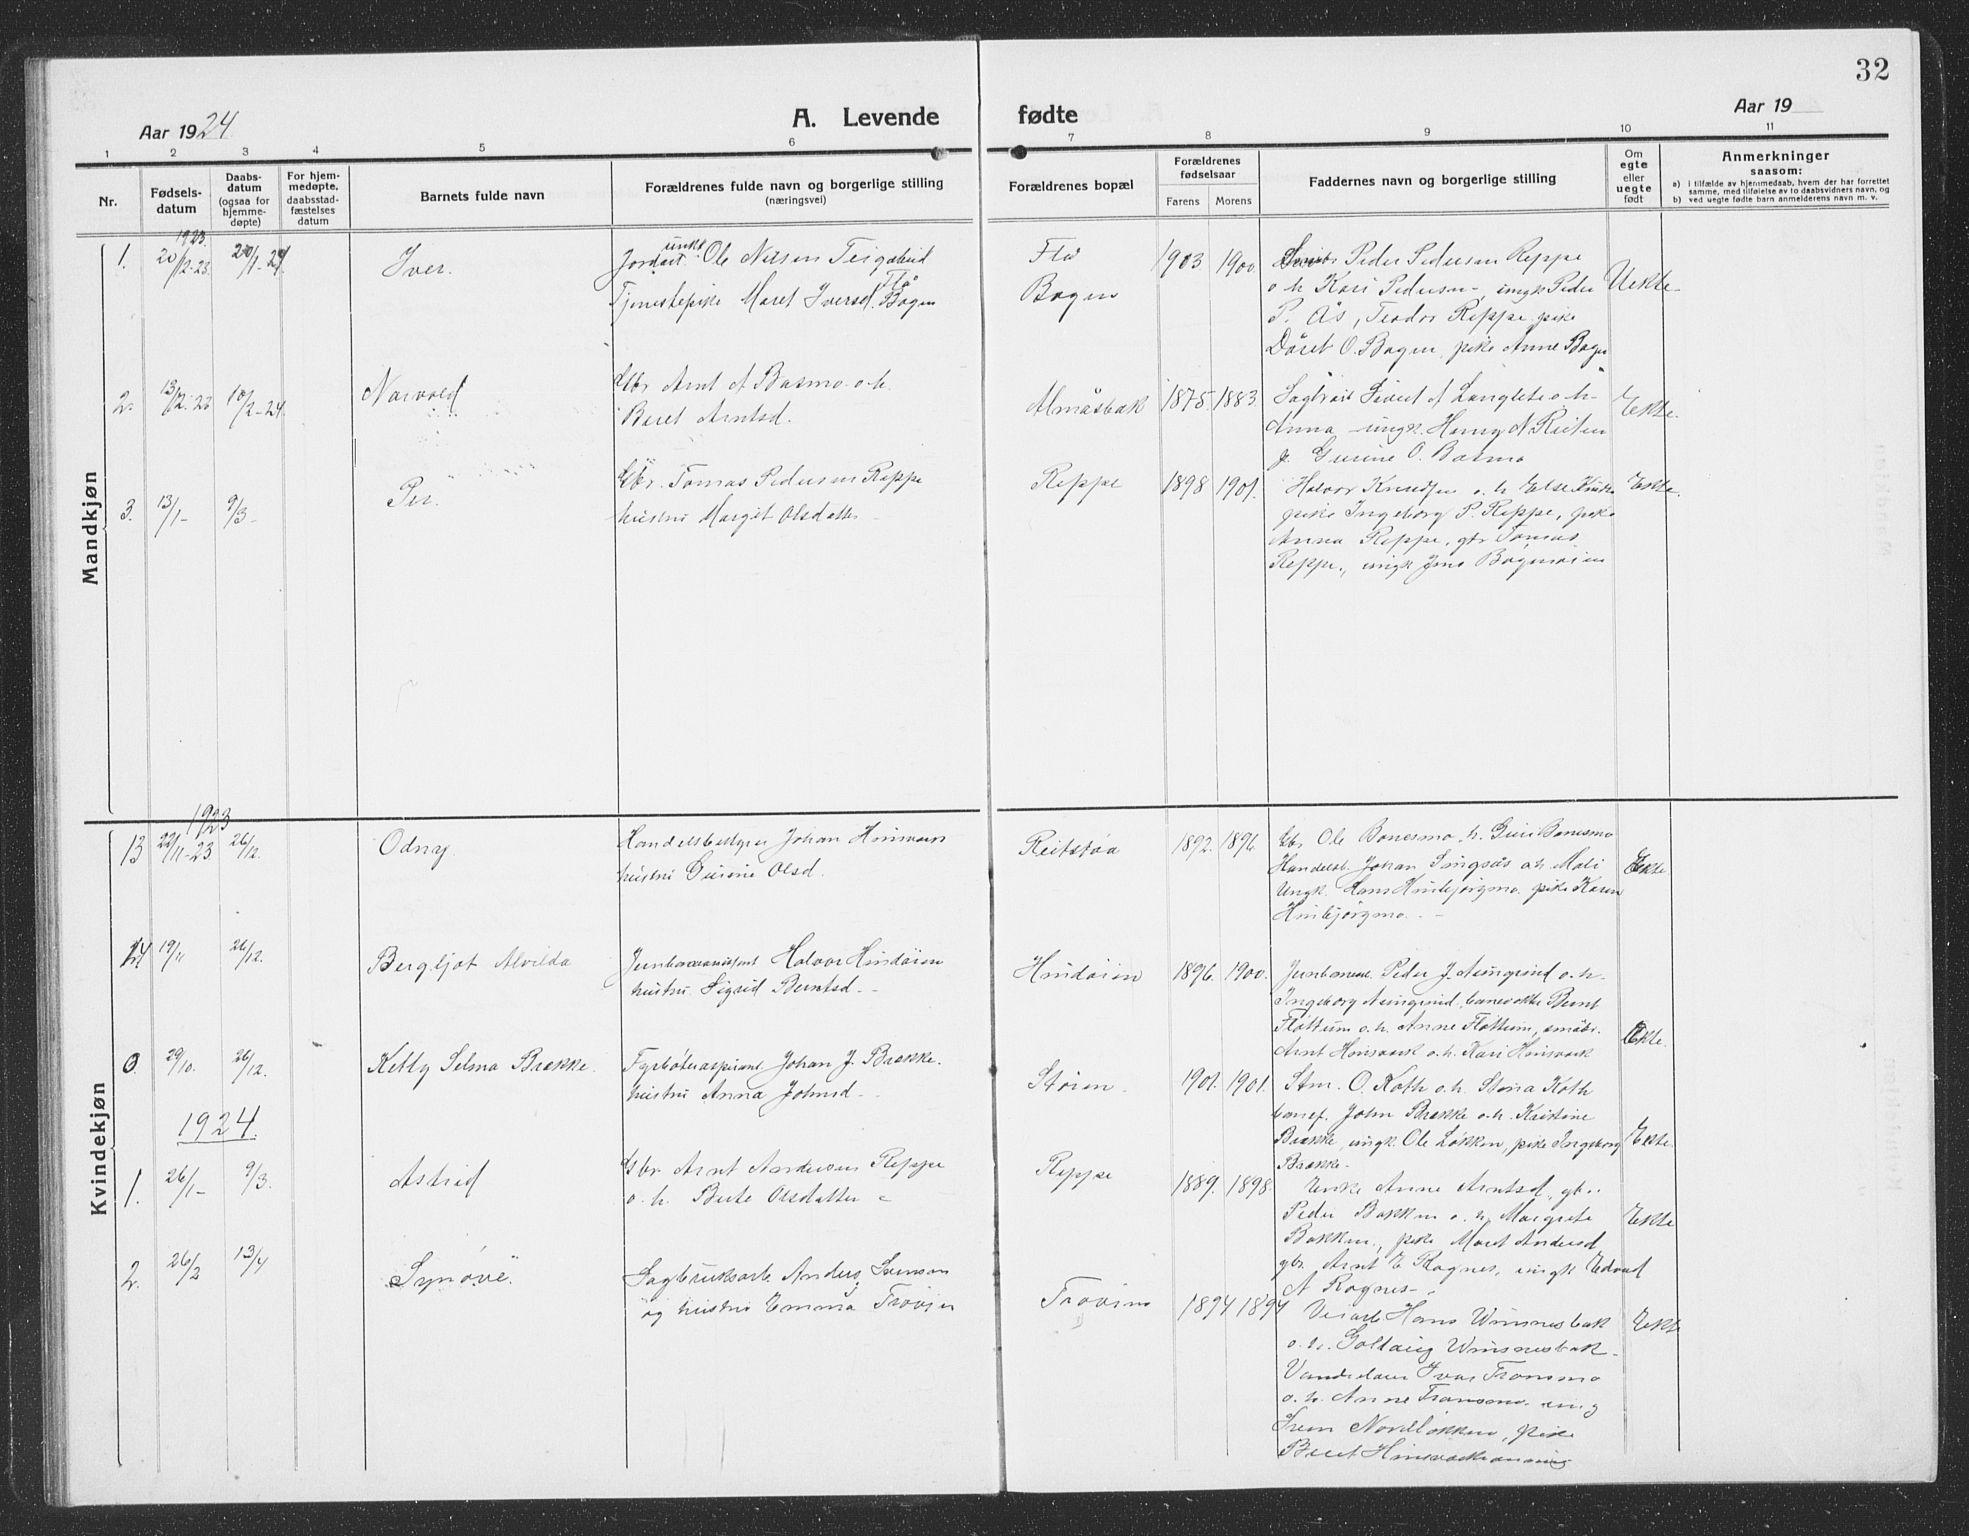 SAT, Ministerialprotokoller, klokkerbøker og fødselsregistre - Sør-Trøndelag, 688/L1030: Klokkerbok nr. 688C05, 1916-1939, s. 32